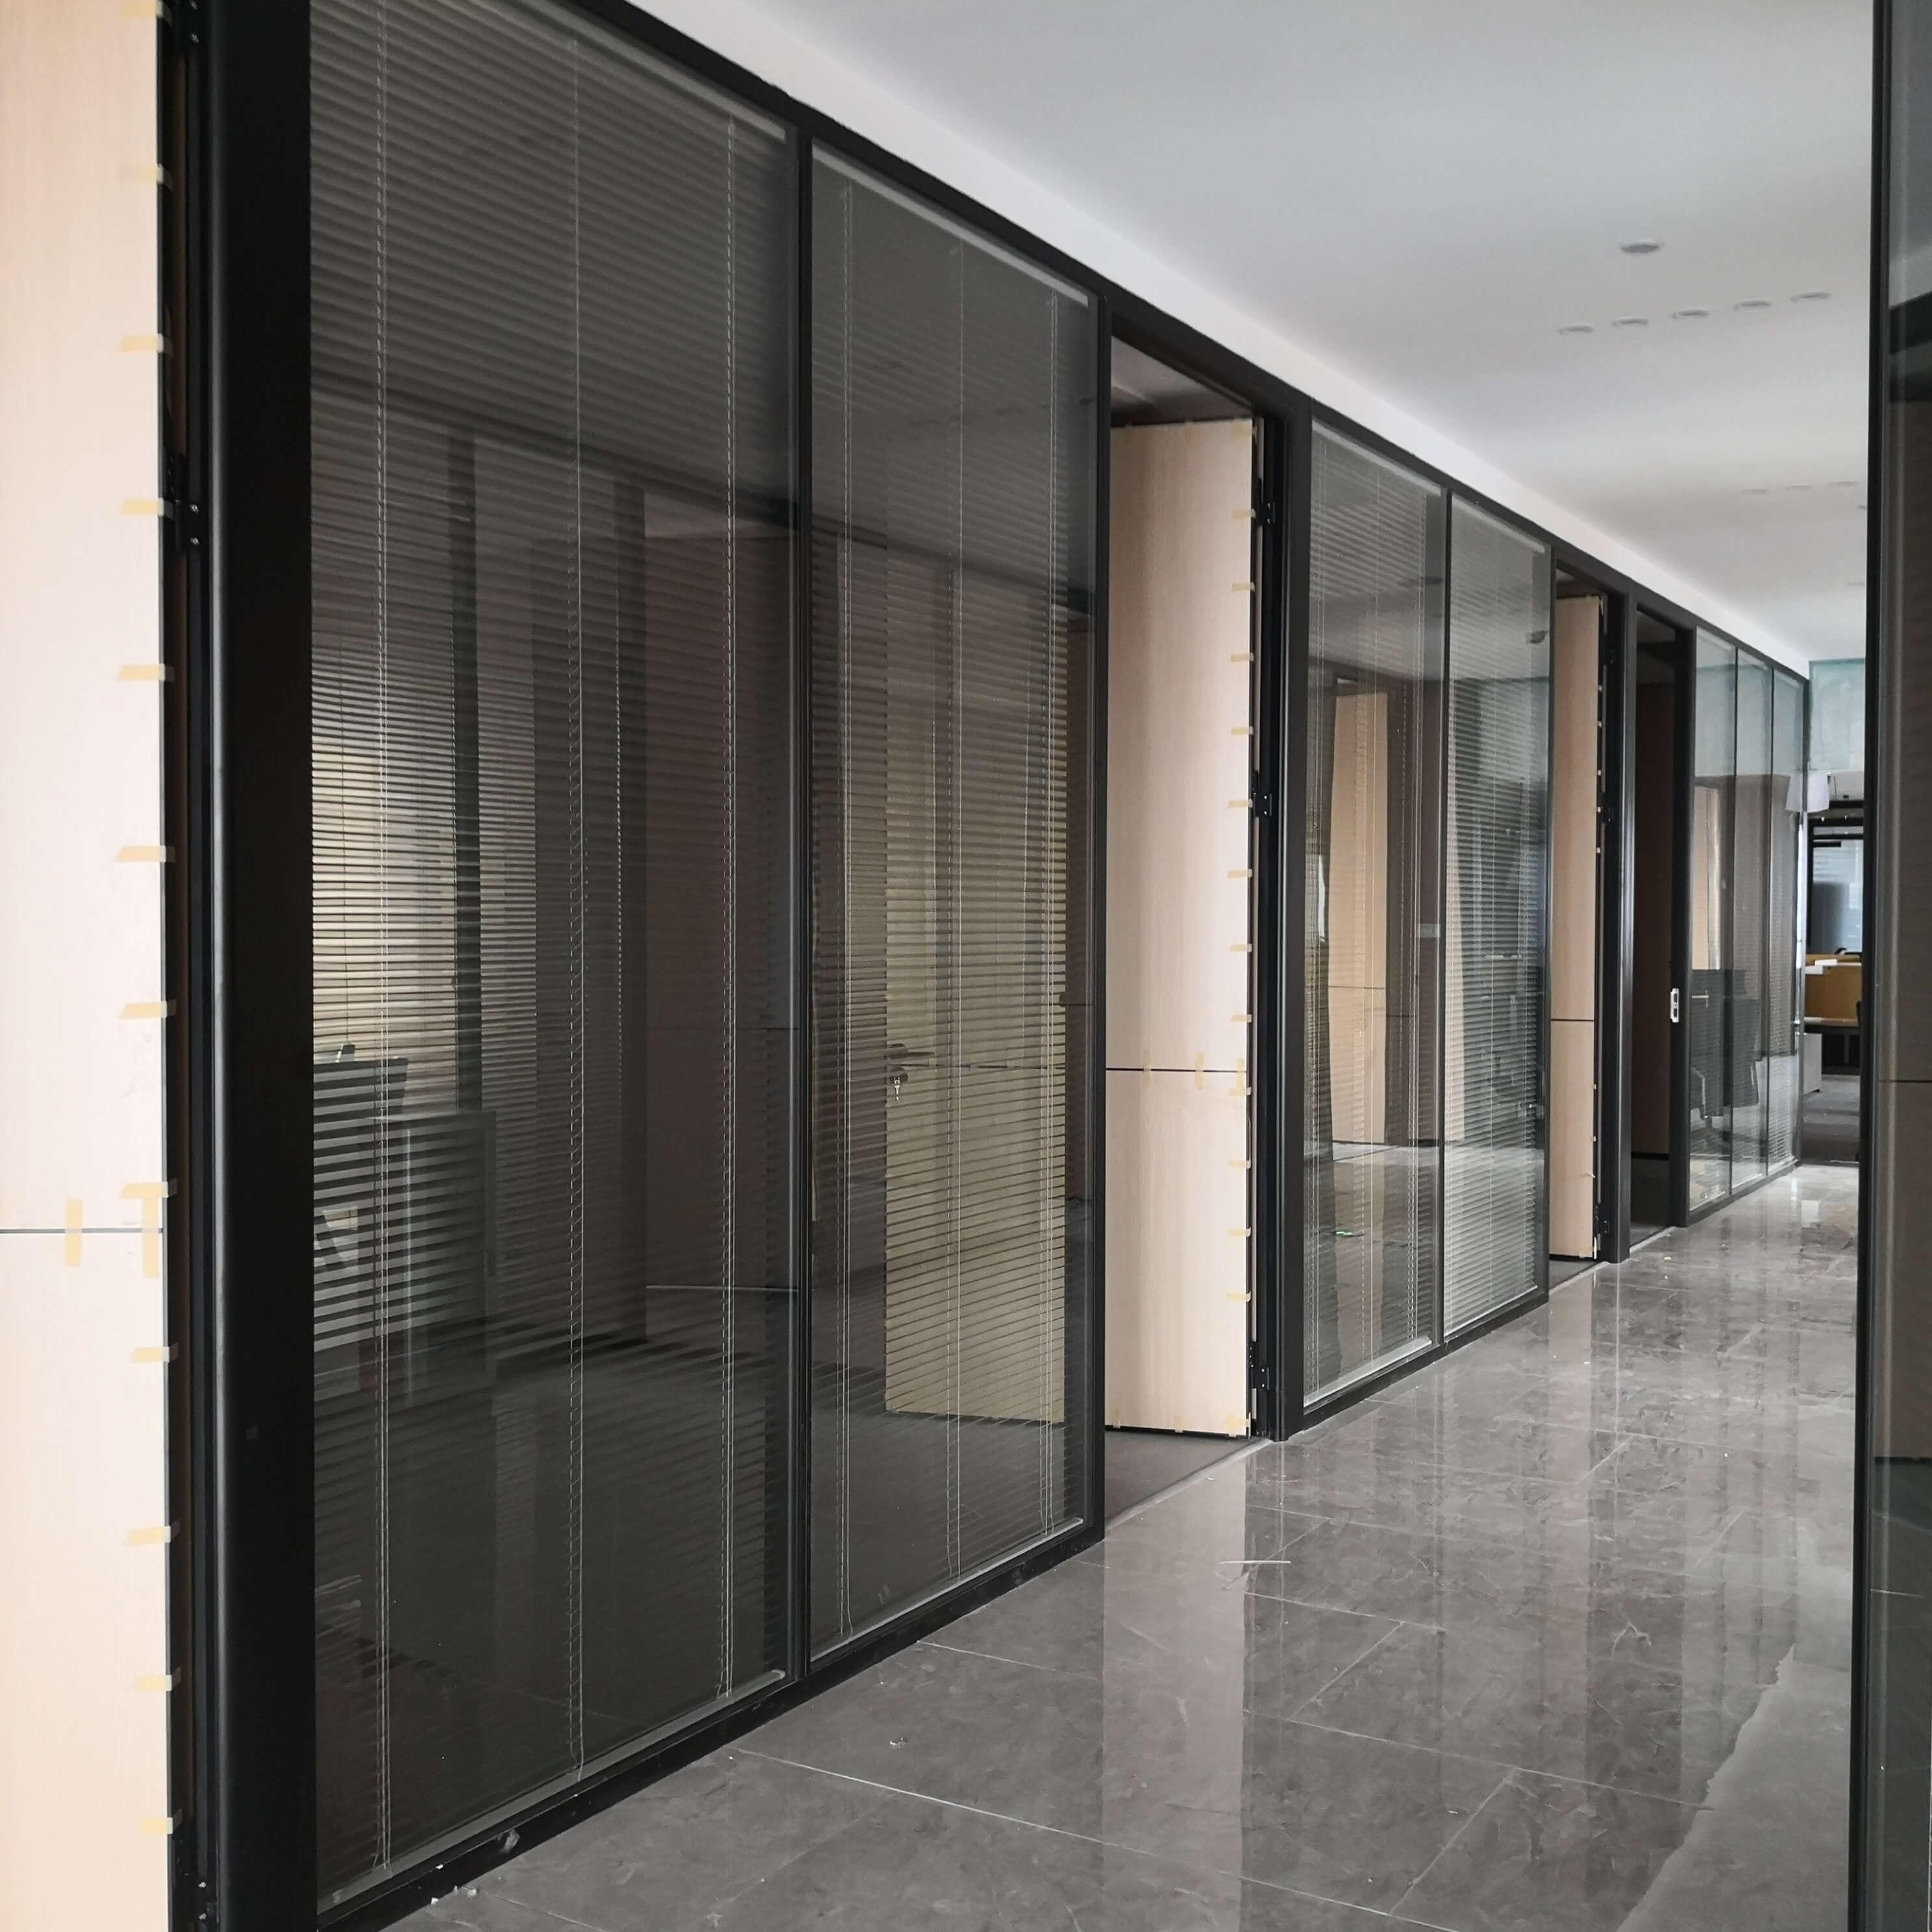 办公玻璃高隔断日常保养要注意什么